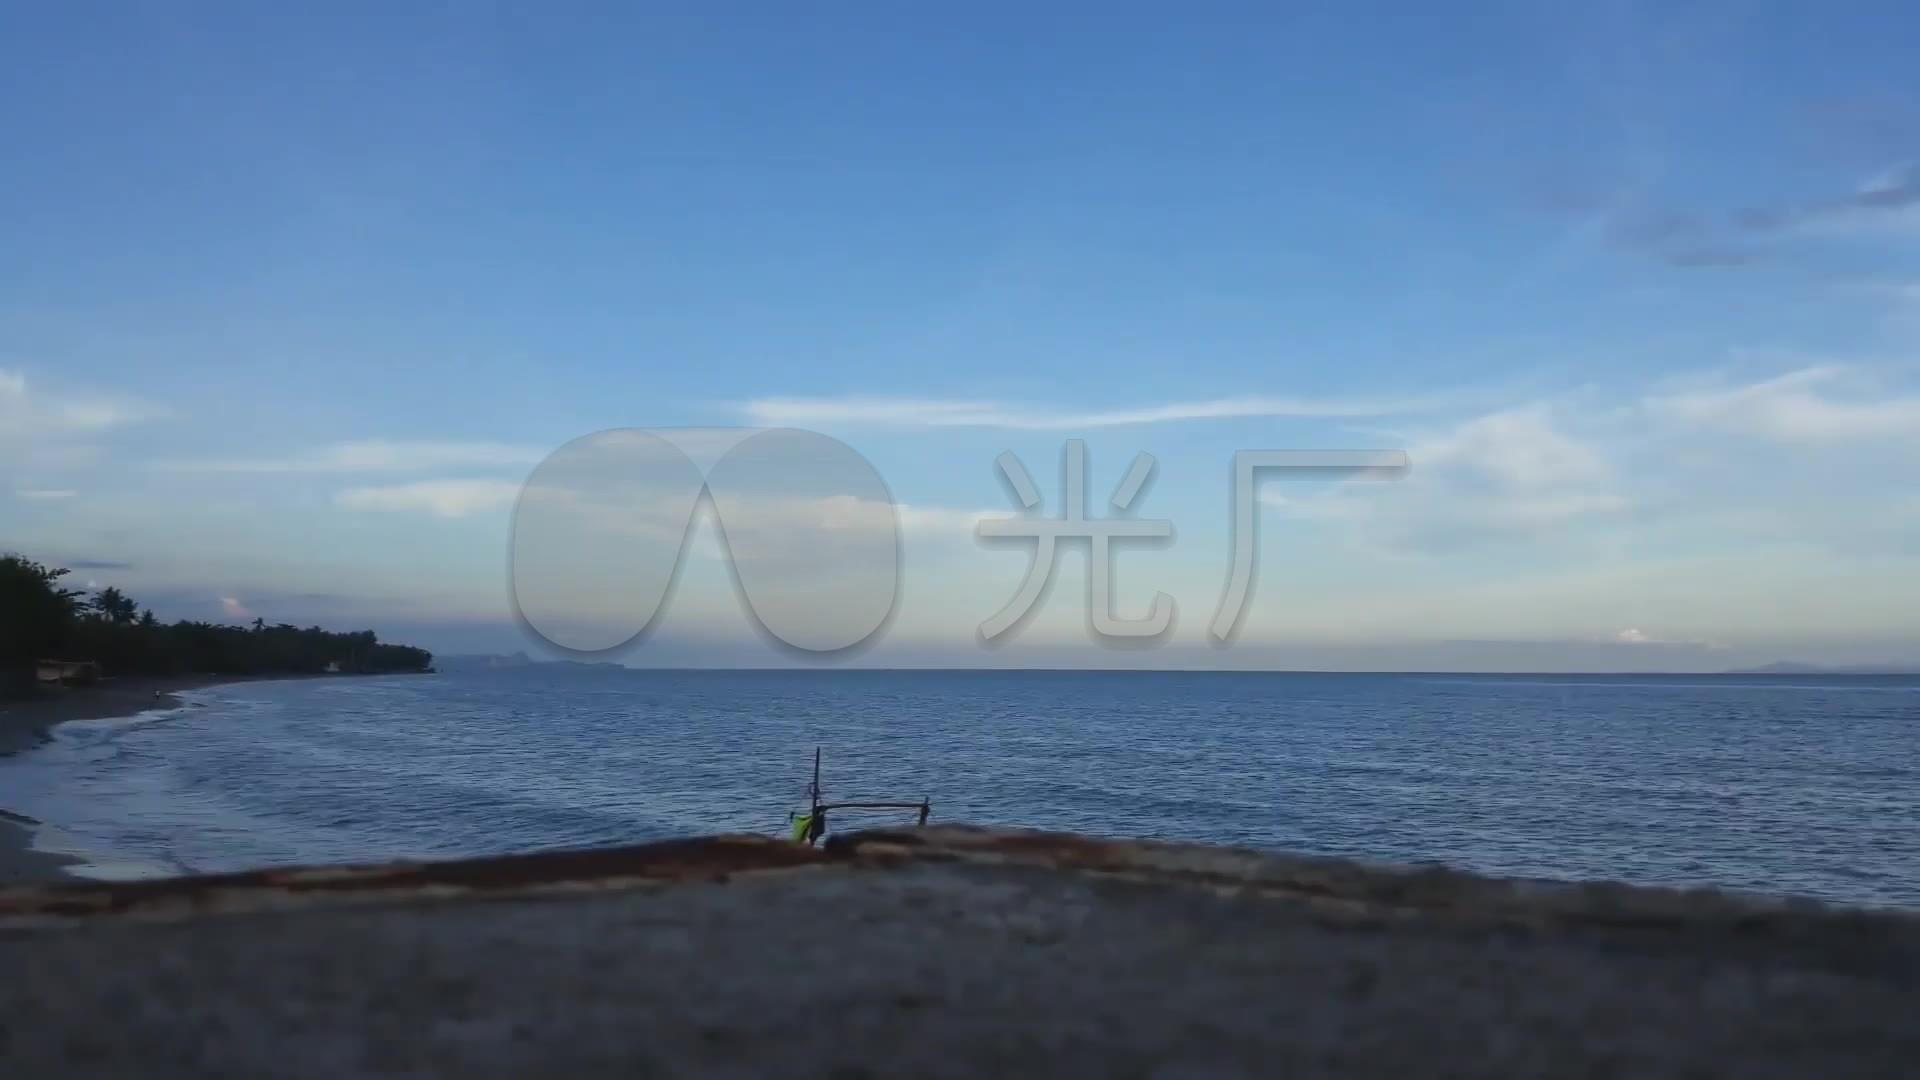 大连海港海滨素材_1920X1080_视频城市高清视频的诚实守信图片